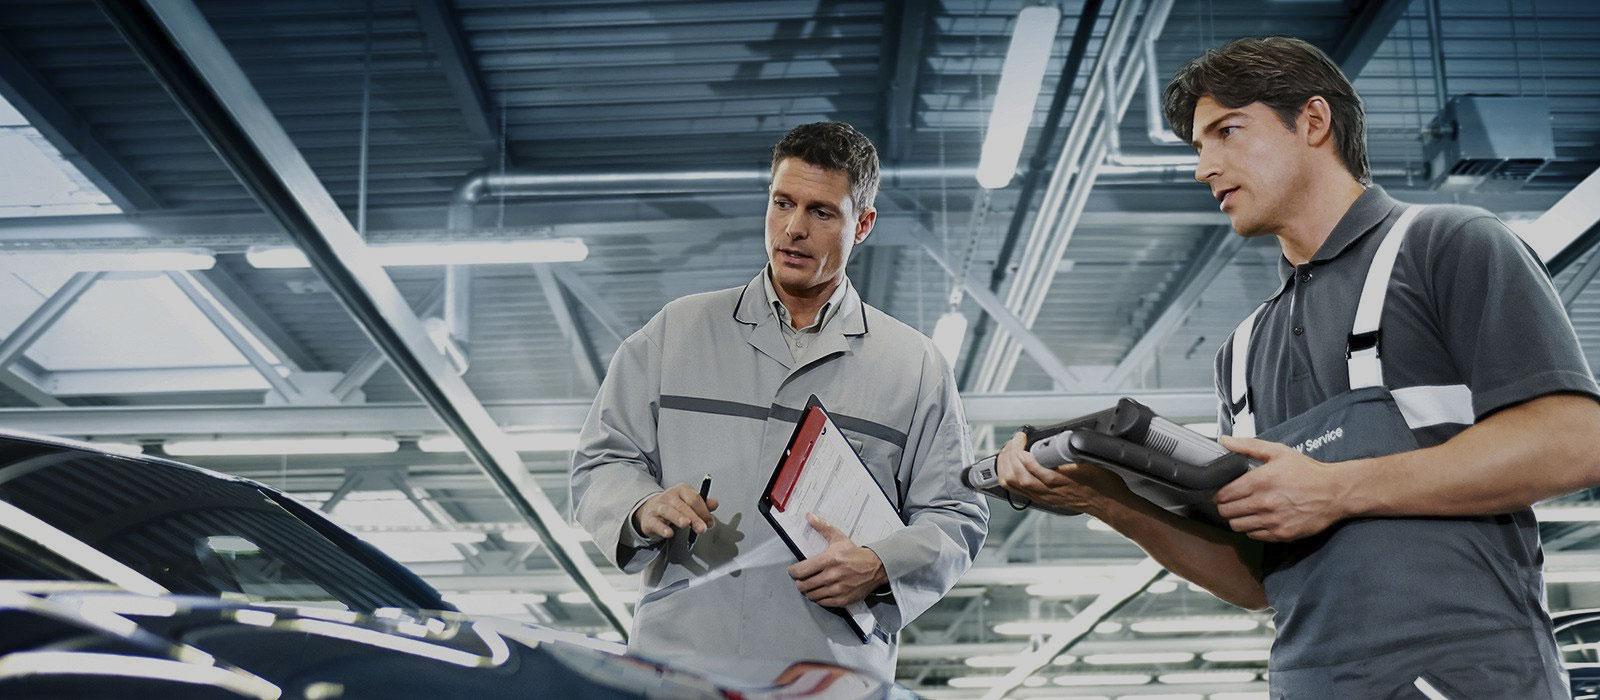 BMW Wagner - Servicetermin vereinbaren